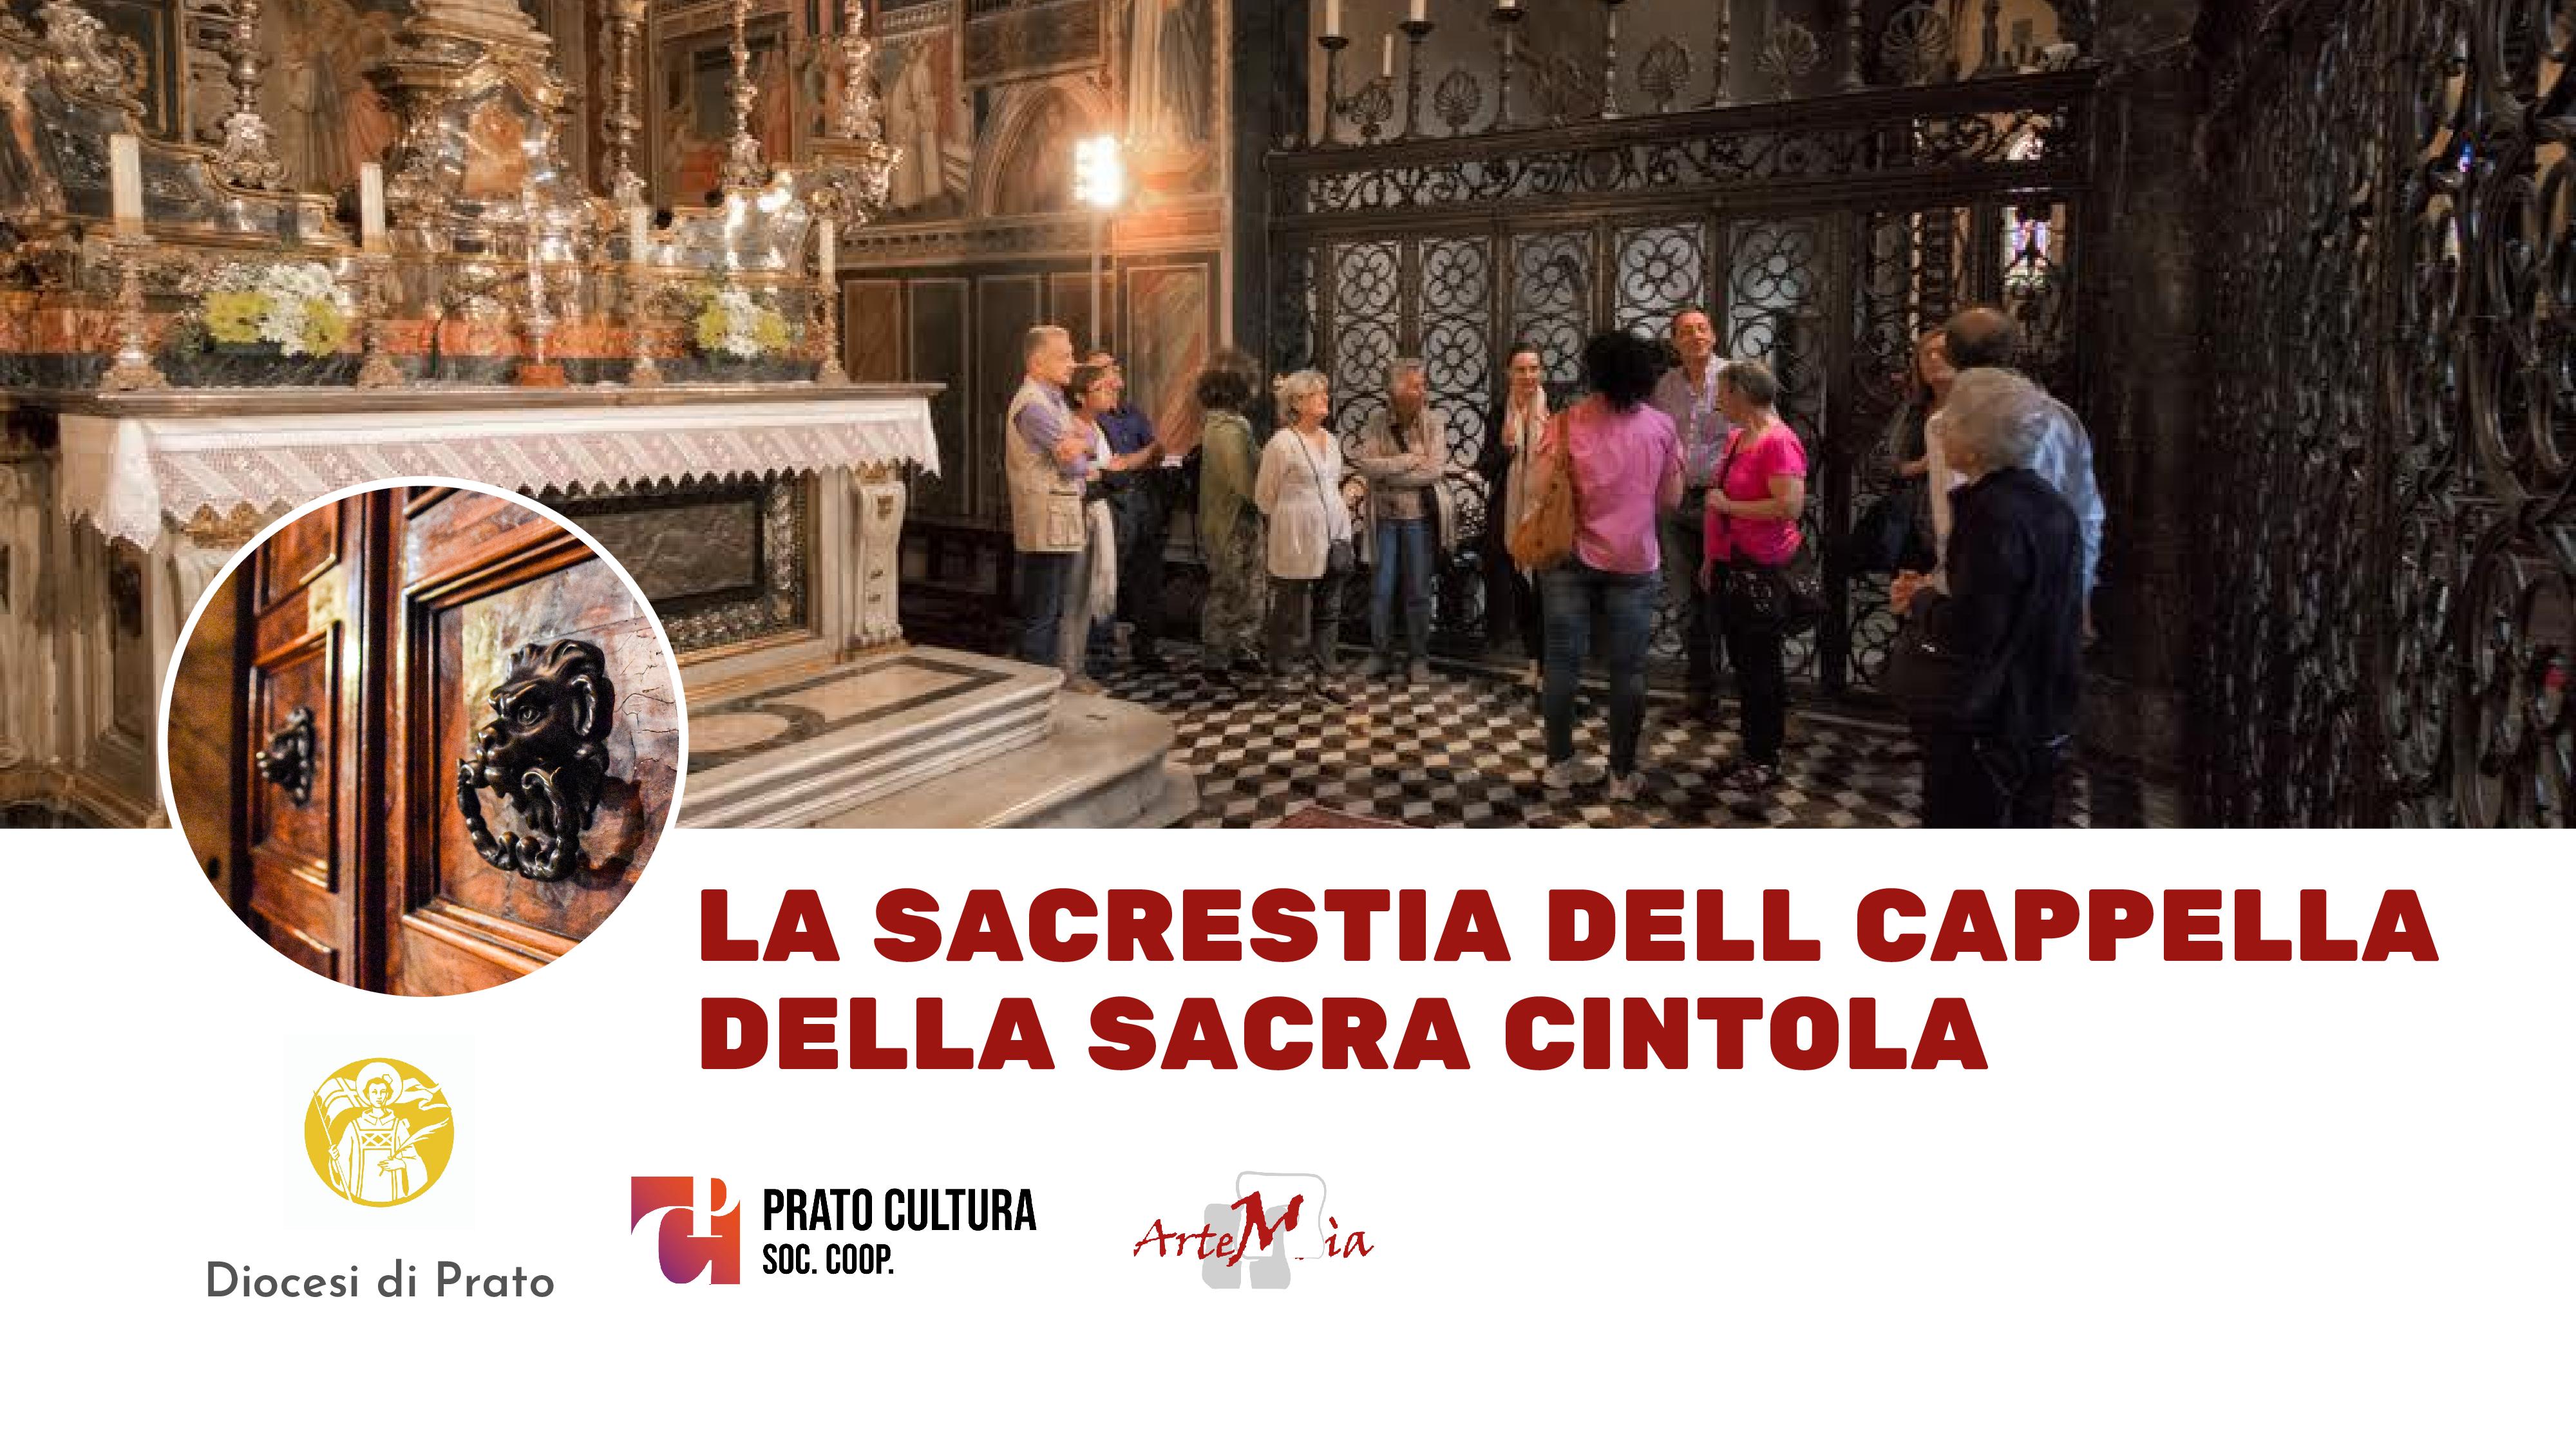 Visita: La Sacrestia della Cappella della Sacra Cintola a Prato